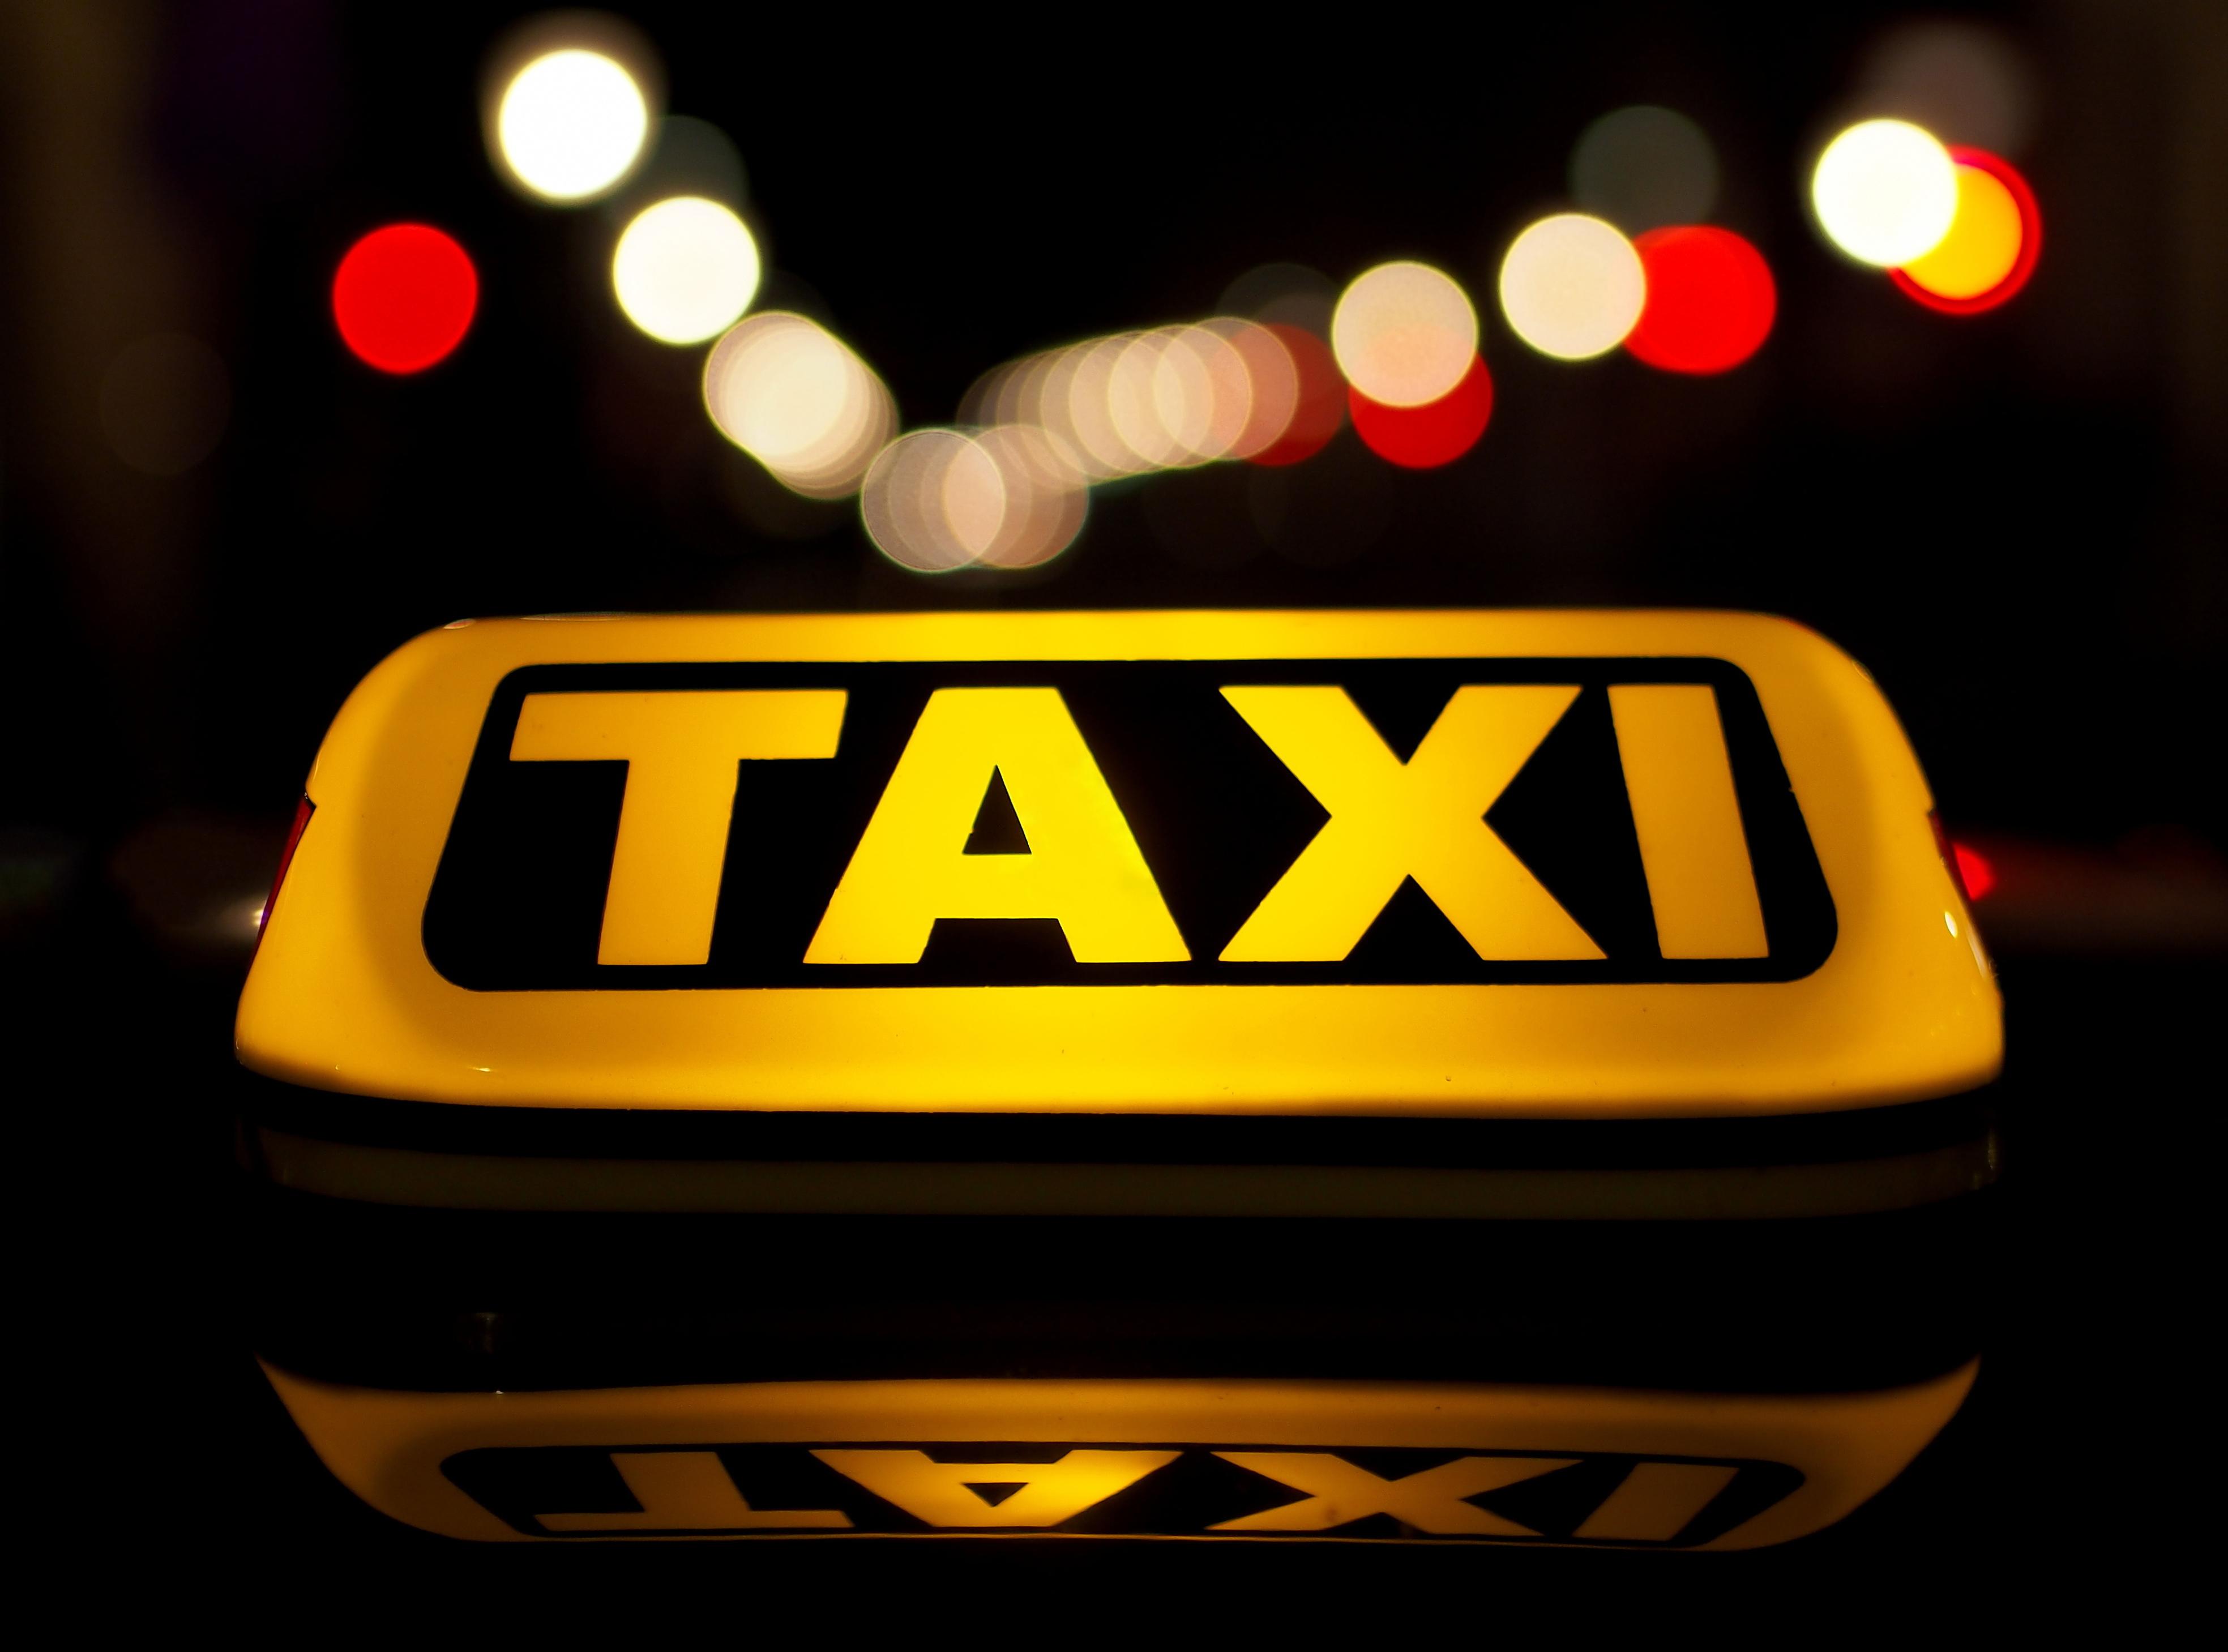 Taxi light by Petar Milošević